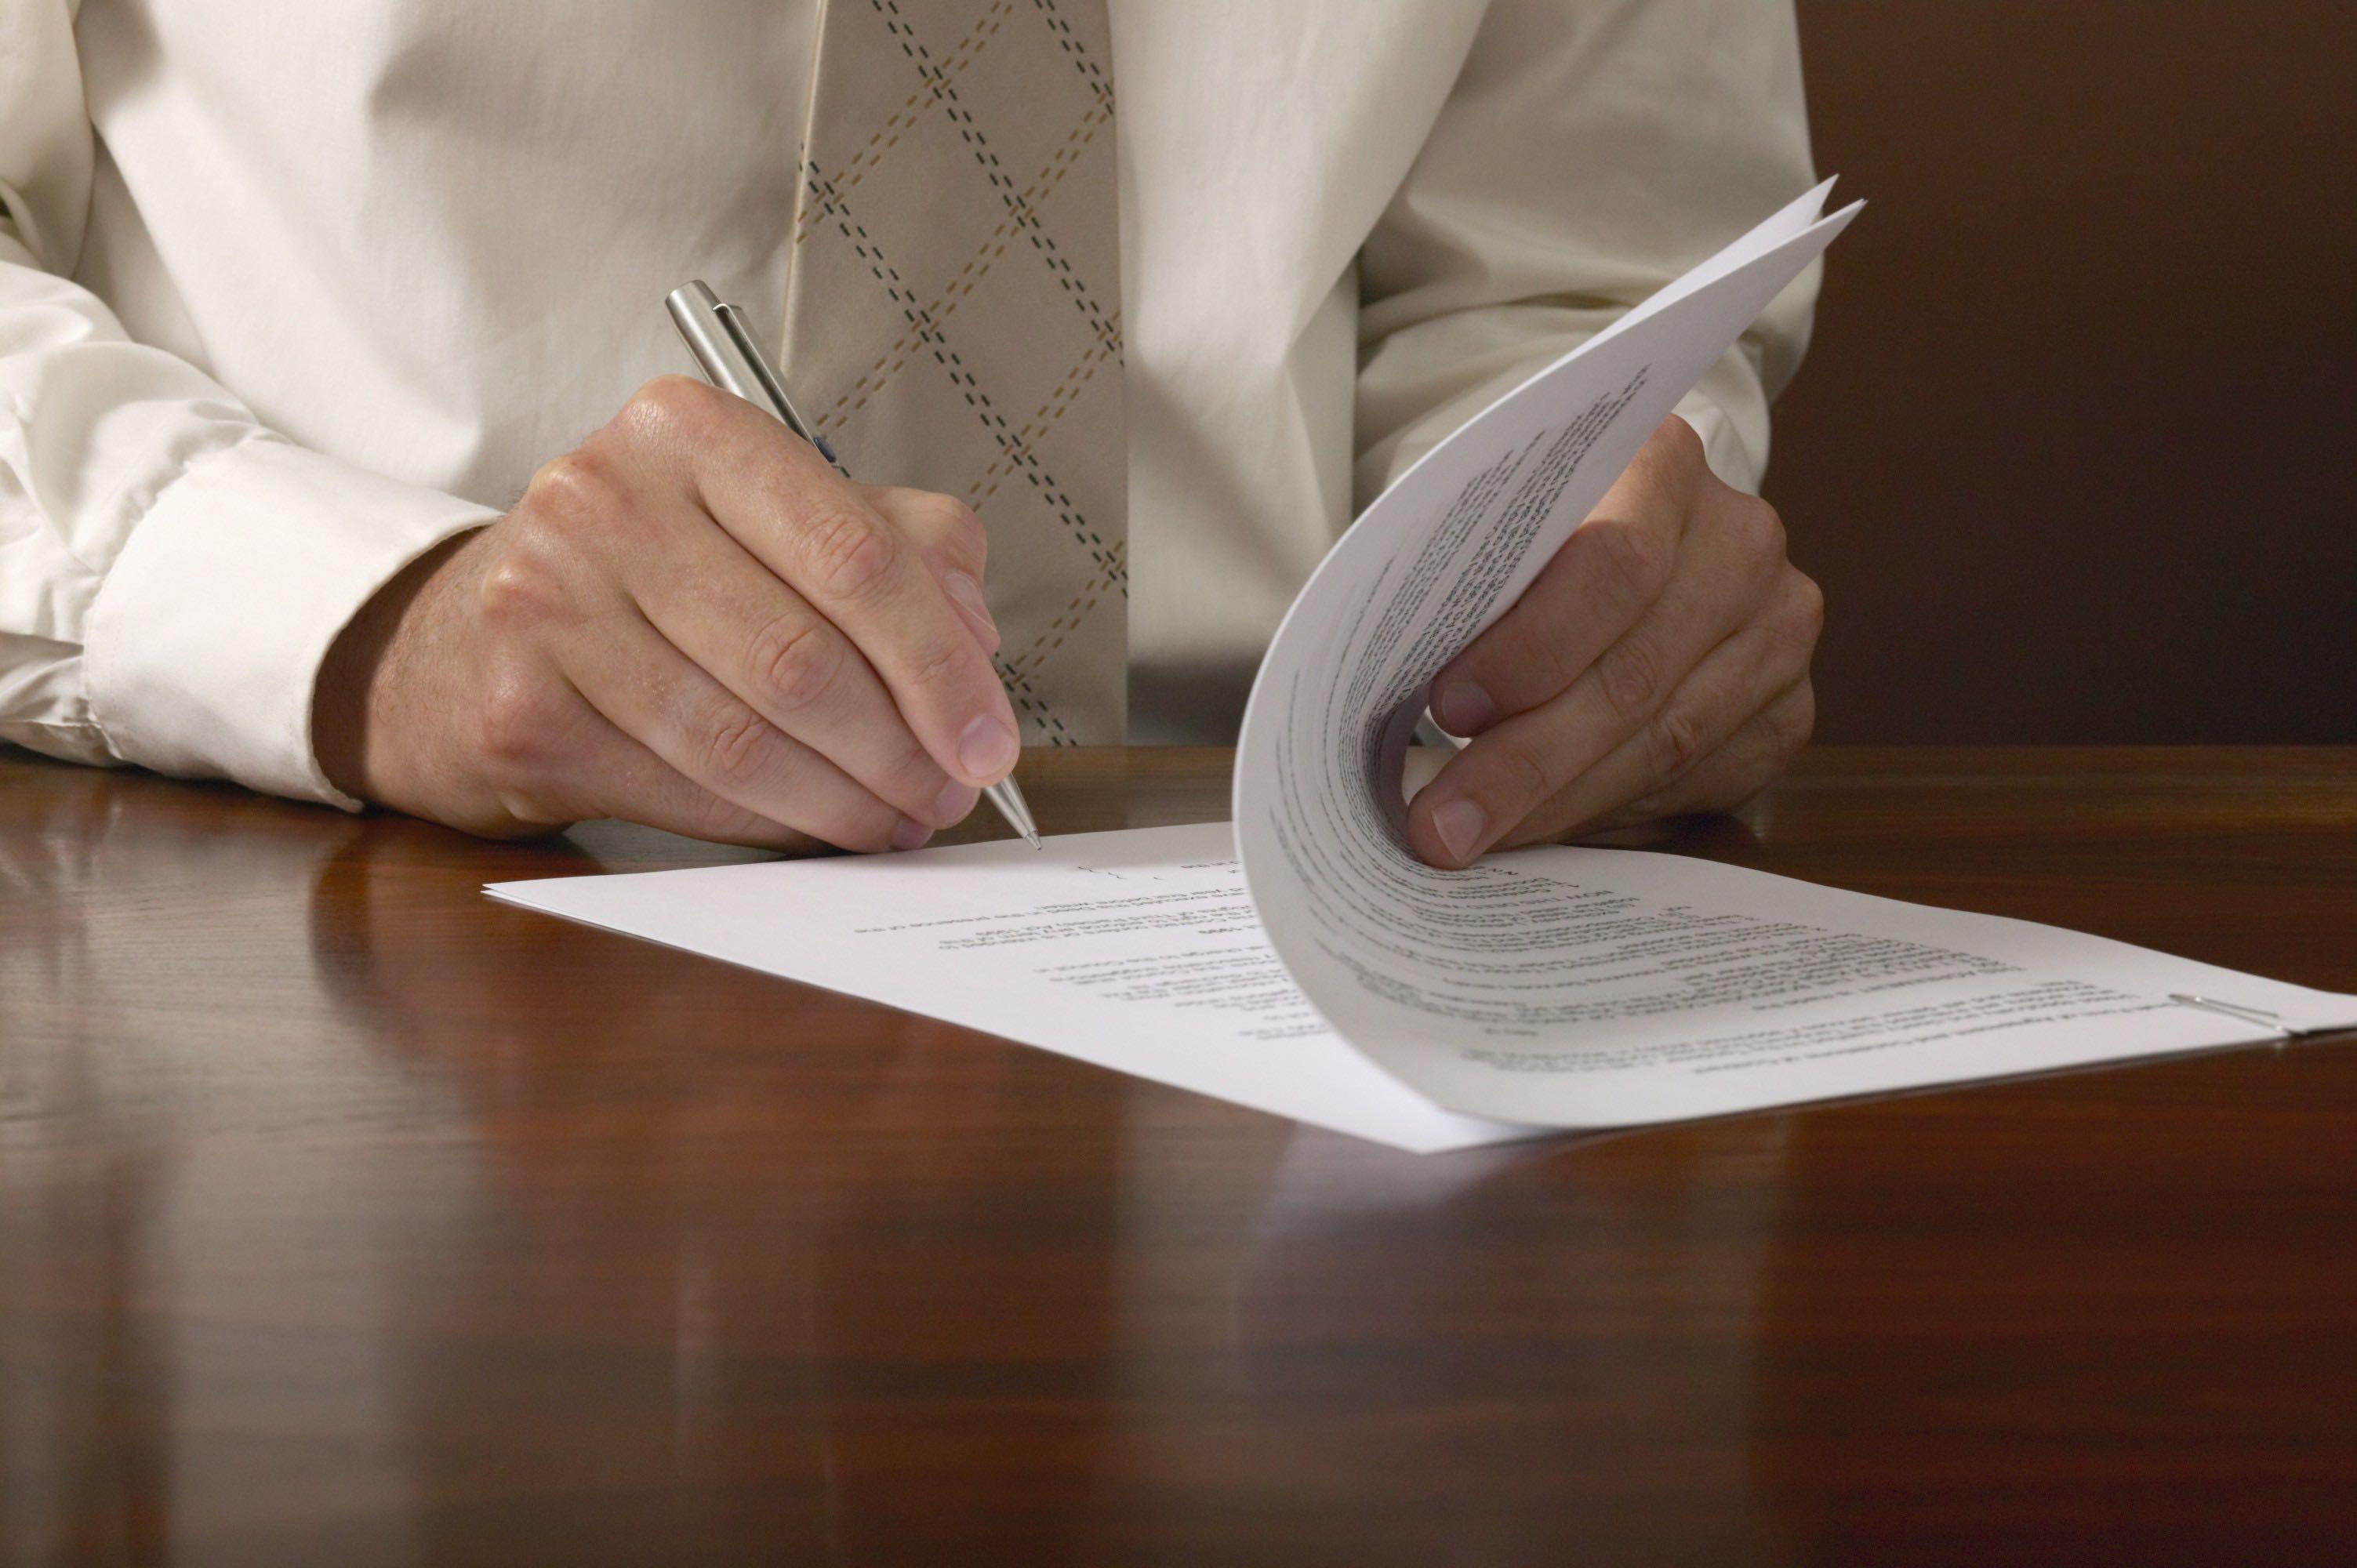 Como funciona a suspensão e interrupção do contrato de trabalho na pandemia?